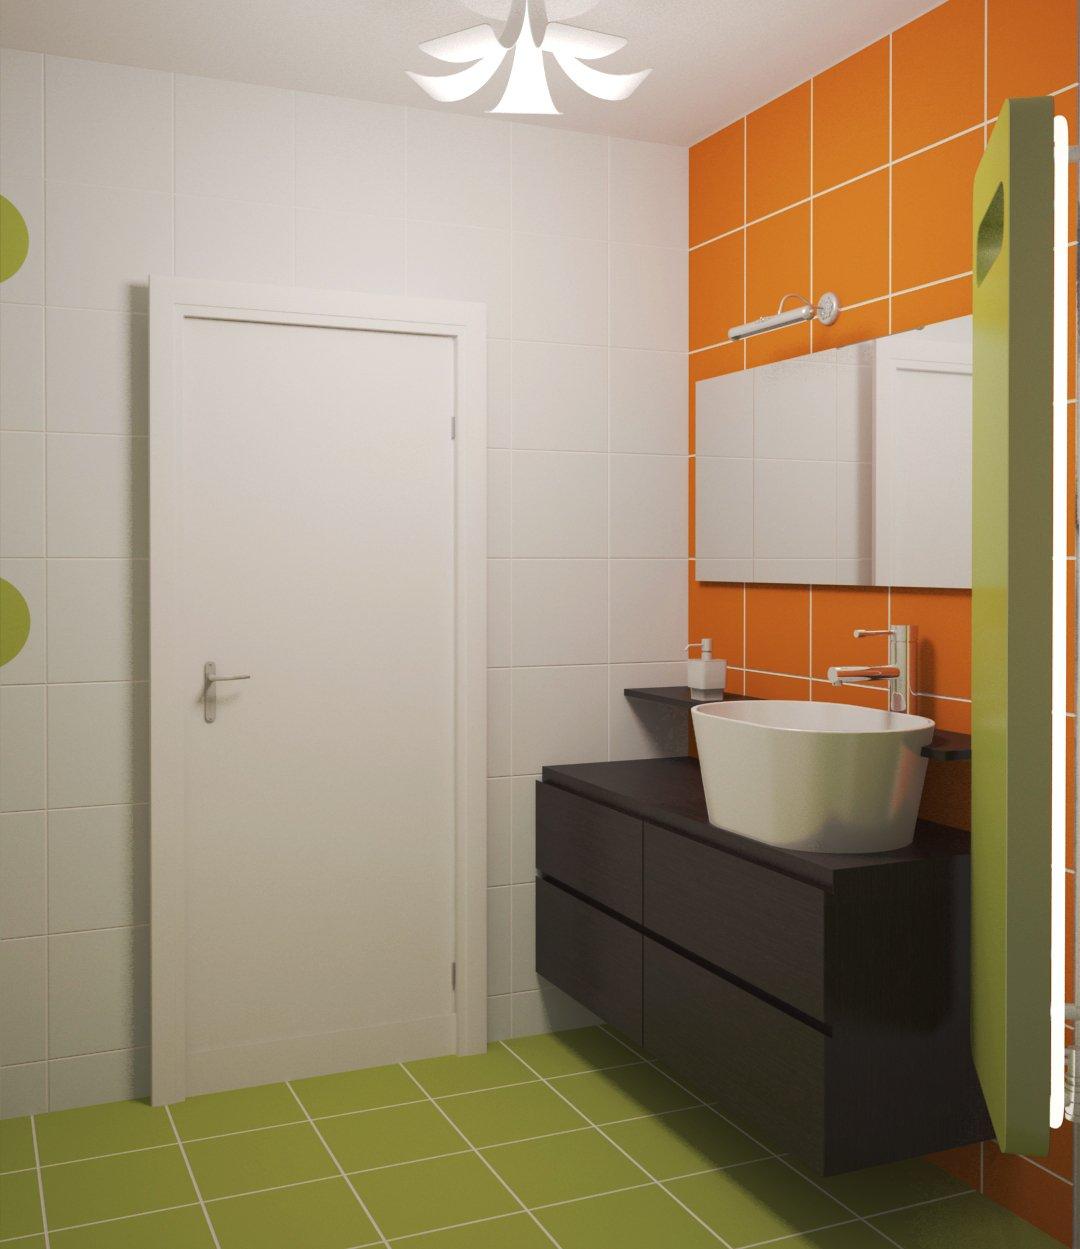 Casa-Moderna-In-Corbeanca-27